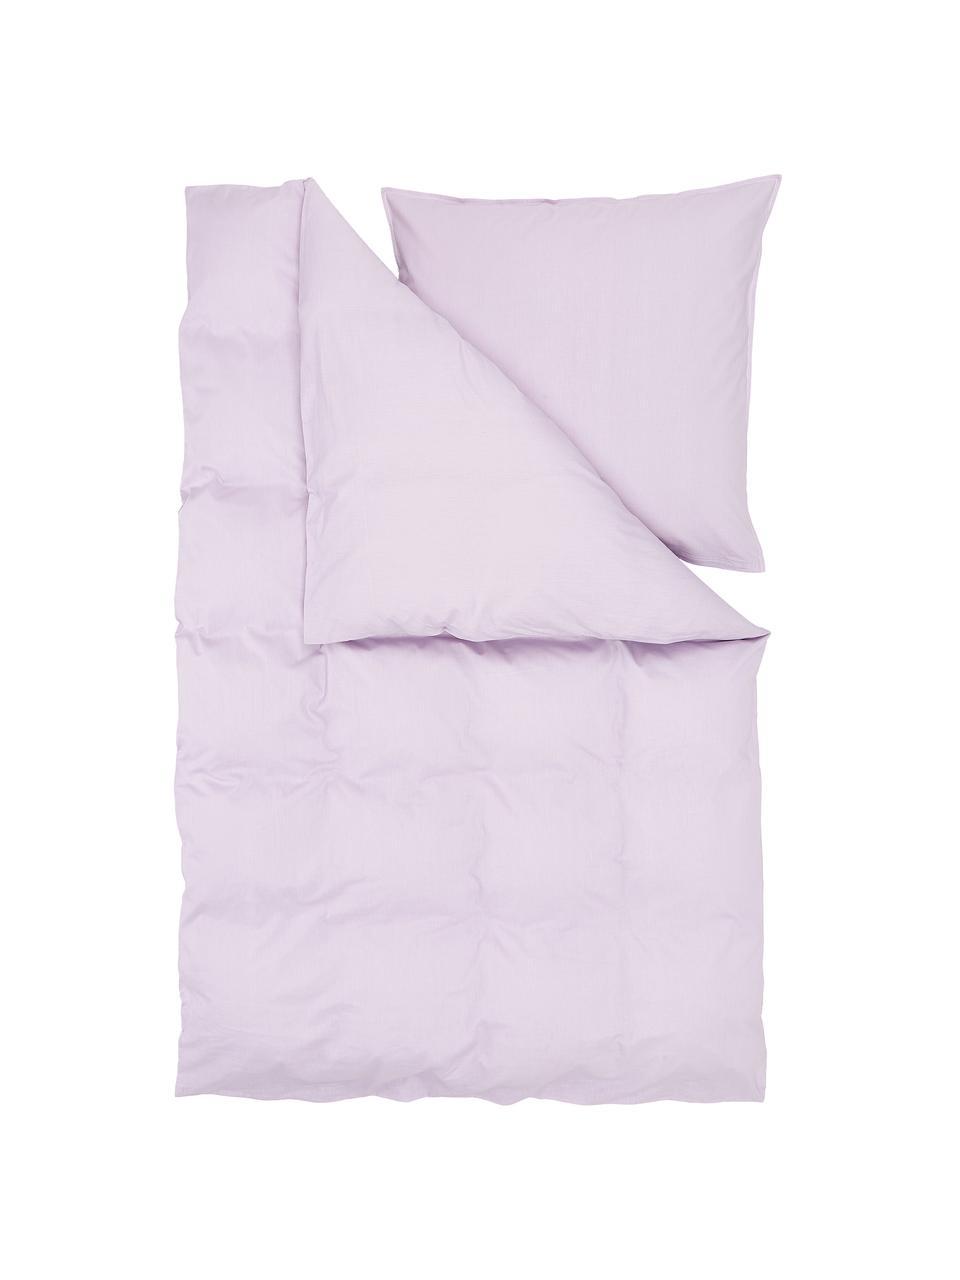 Gewaschene Baumwoll-Bettwäsche Arlene in Lavendel, Webart: Renforcé Fadendichte 144 , Lila, 240 x 220 cm + 2 Kissen 80 x 80 cm